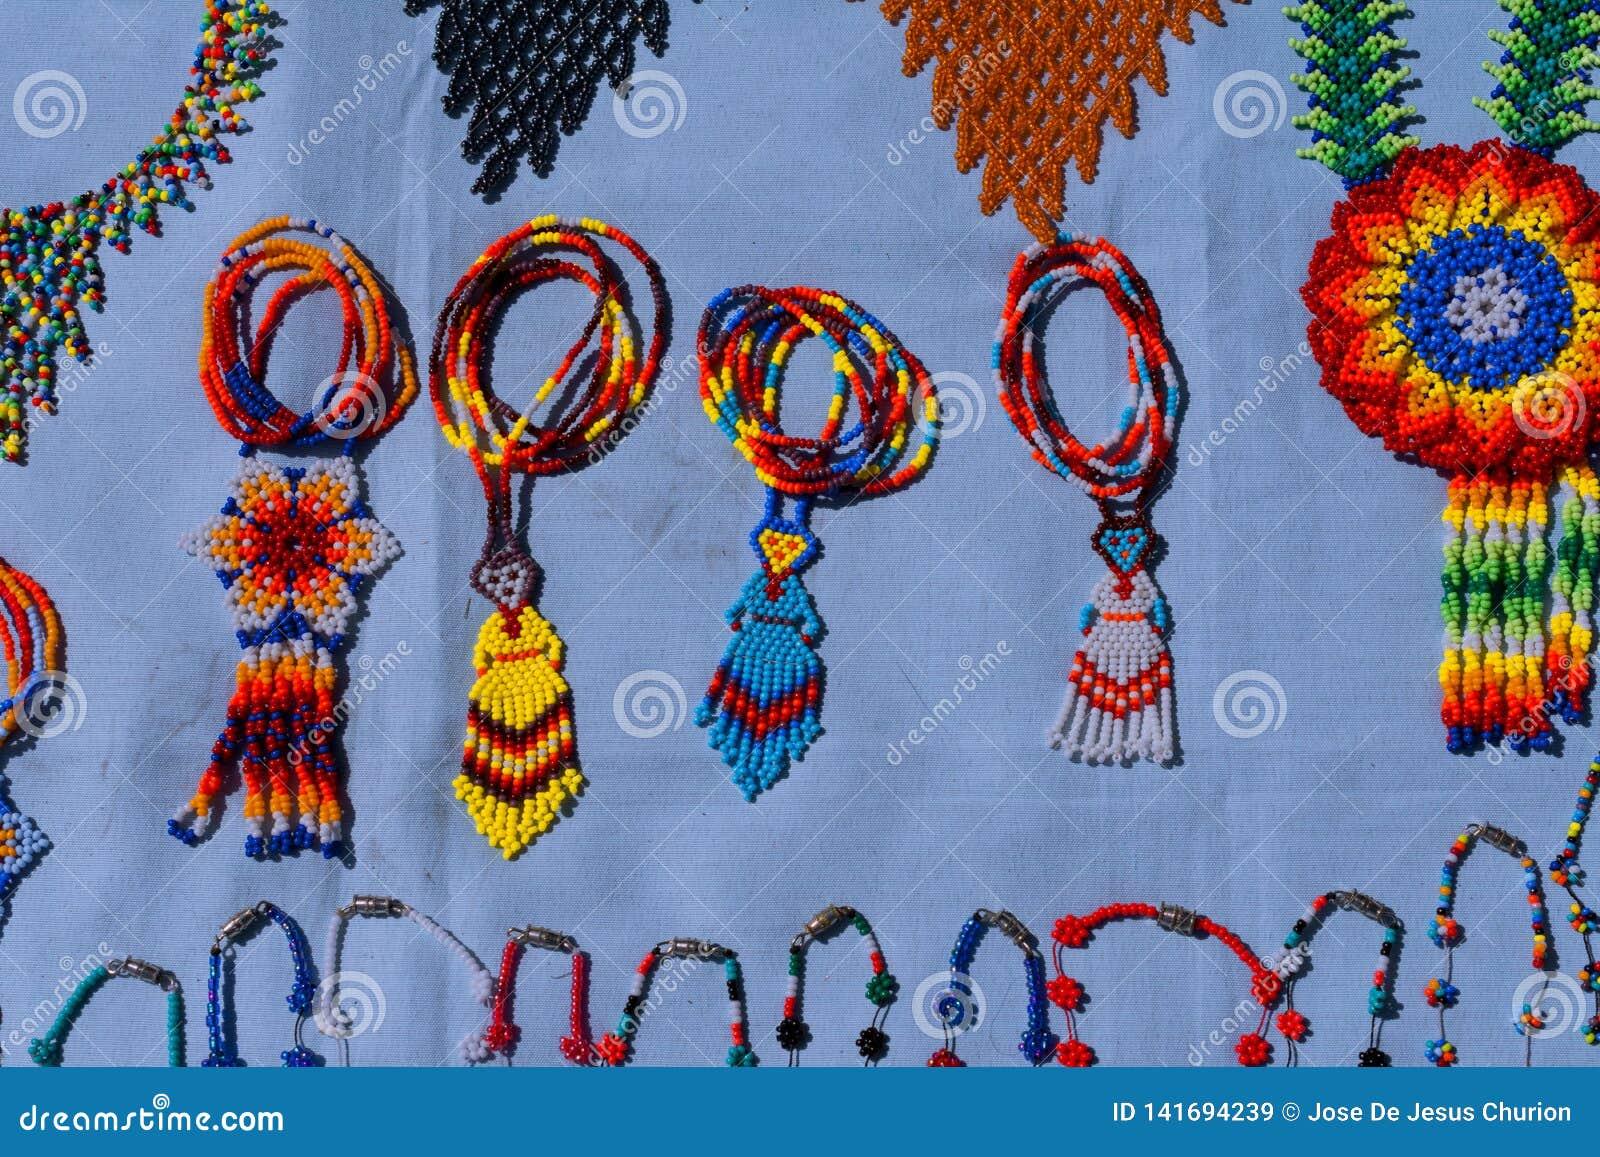 Los pedazos de la artesanía de Huichol, habitan el norte de Jalisco y la parte de Nayarit, de Zacatecas y de Durango Mexico